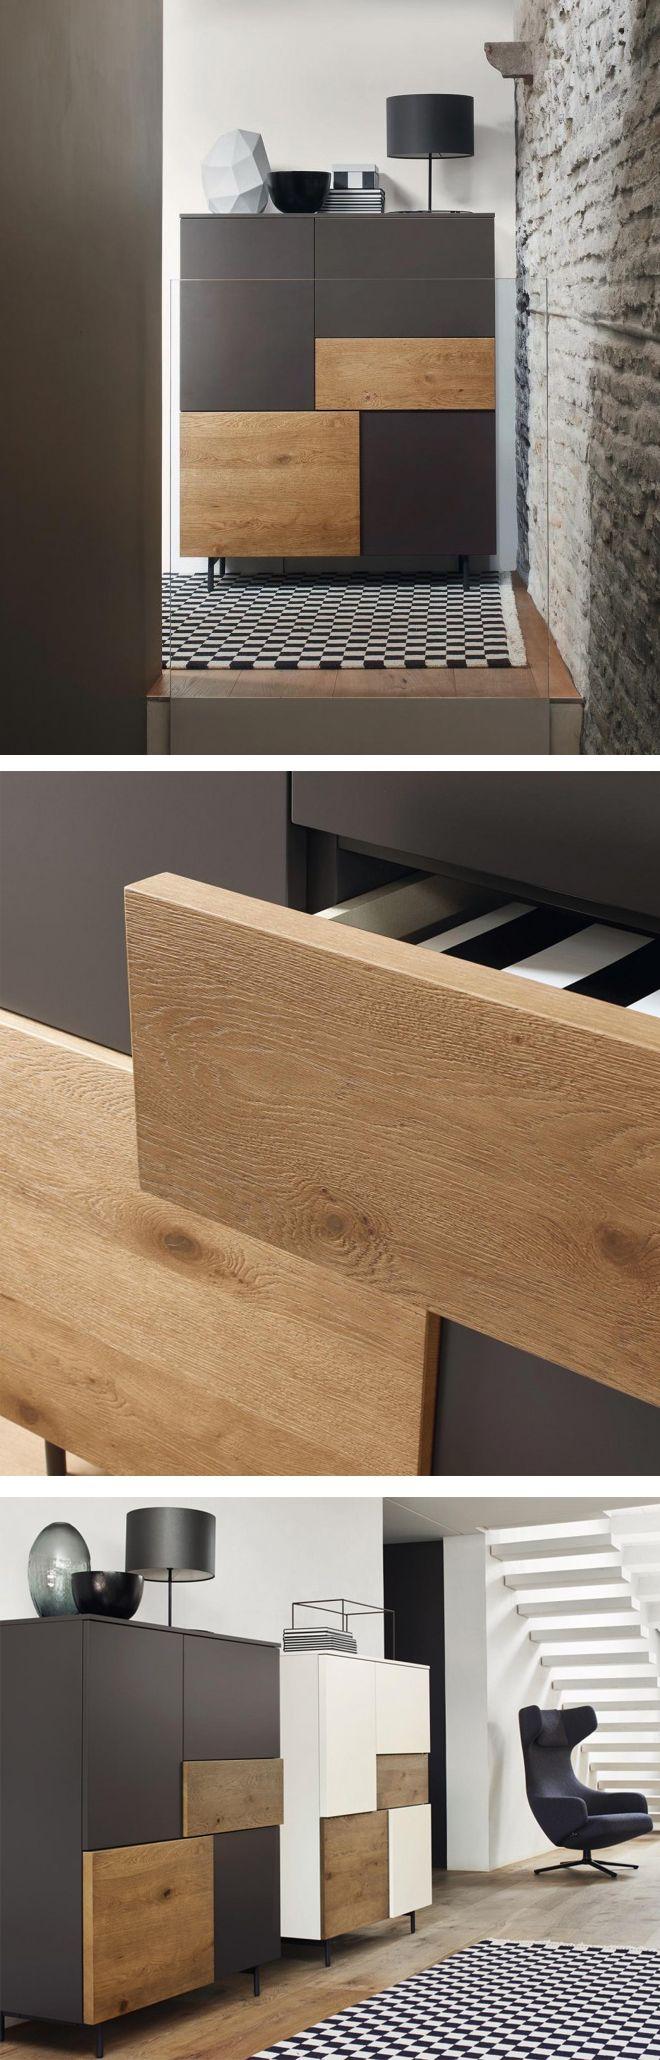 Eine tolle Optik bieten die zwei unterschiedlich dicken Fronten des Incontro Highboards von Livitalia.   #Kommode #chestofdrawers #Highboard #Livarea #Wohnzimmer #livingroom #bedroom #Schlafzimmer #Esszimmer #diningroom #inspiration #interiordesign #interiordecorating #home #wohnen #einrichten #Designmöbel #modern #minimalistisch #Trend #wohntrend #wohnstil #Design #Möbel